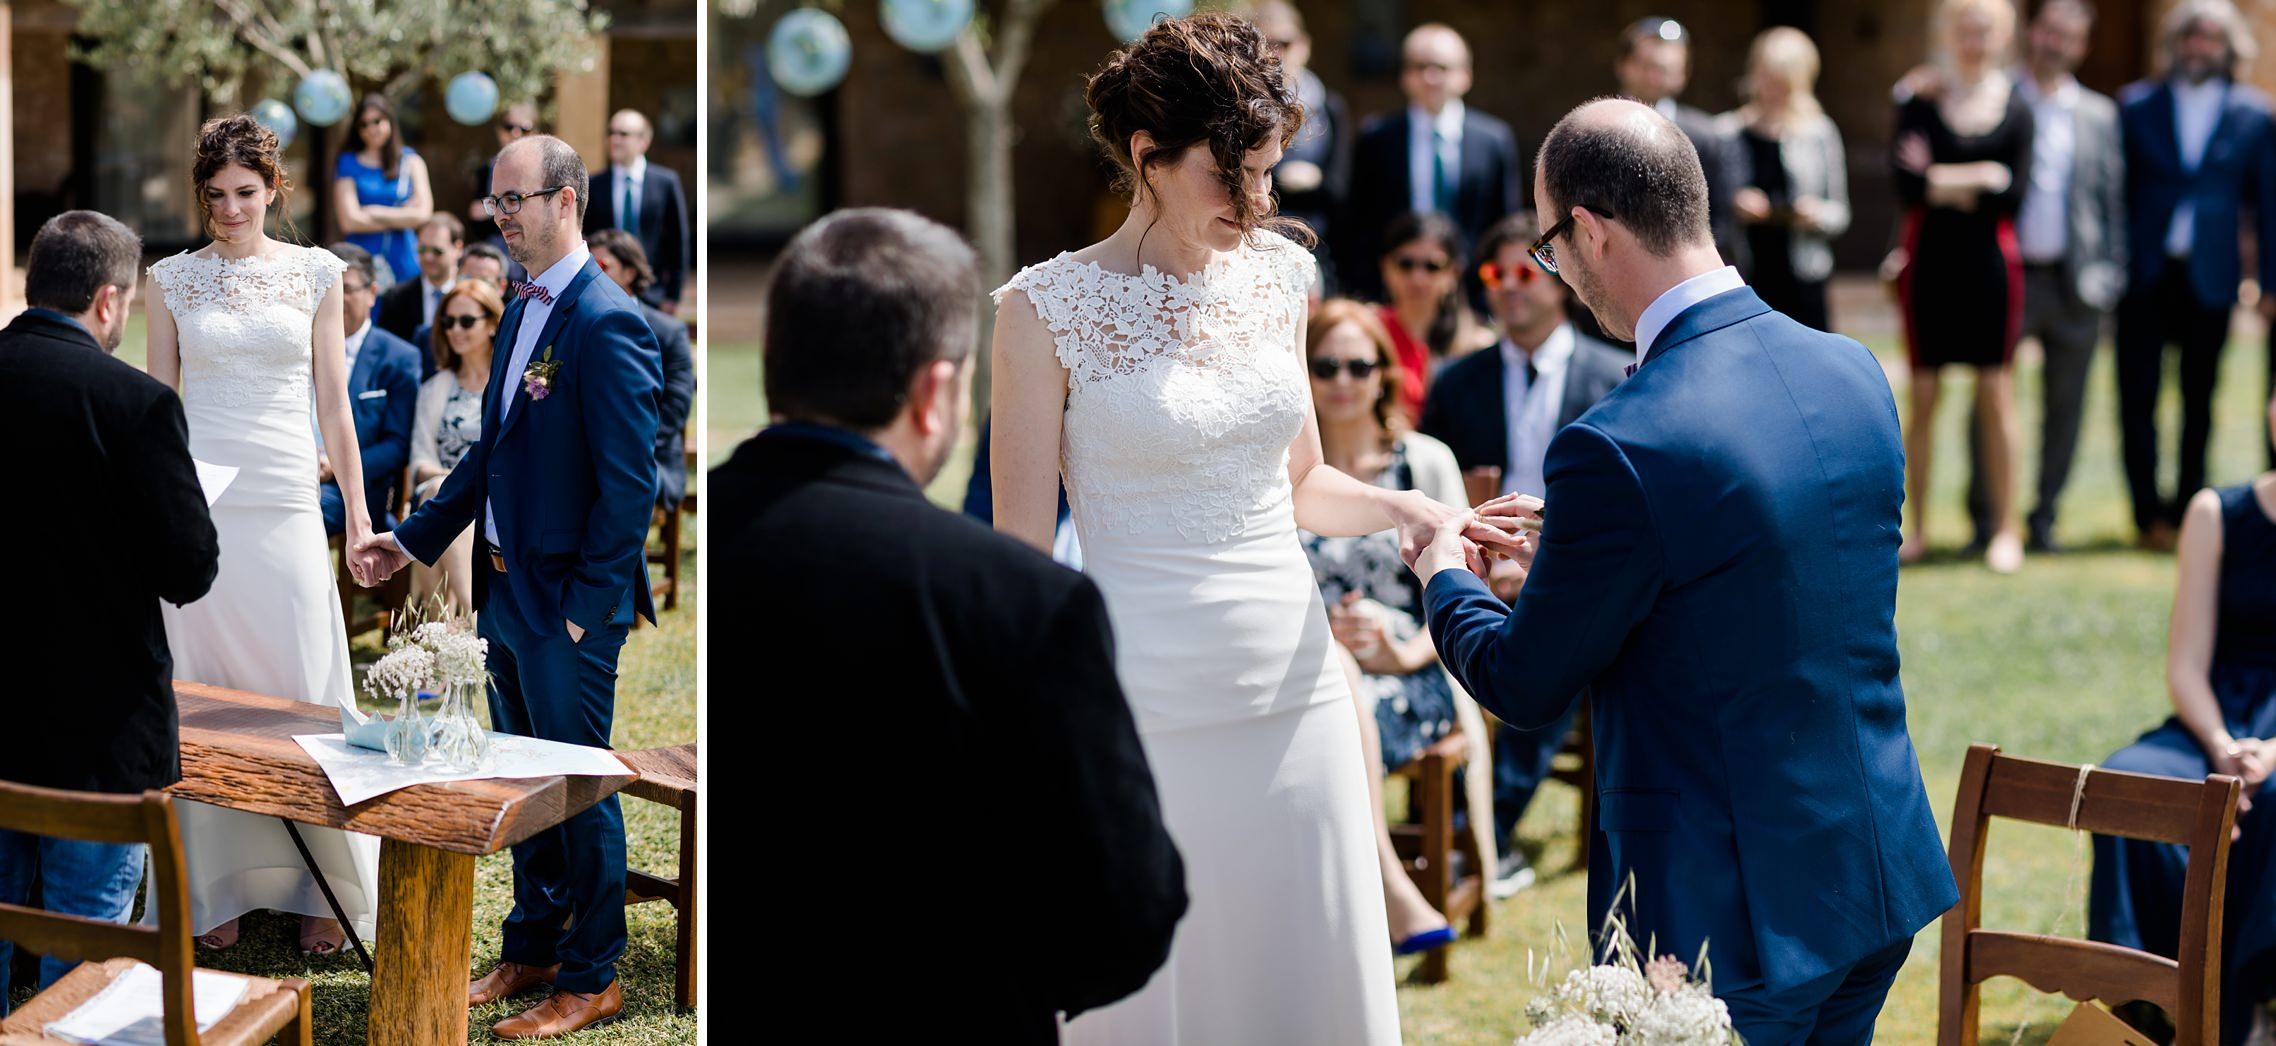 Ringetausch des Brautpaares auf der Finca-Hochzeit auf Mallorca